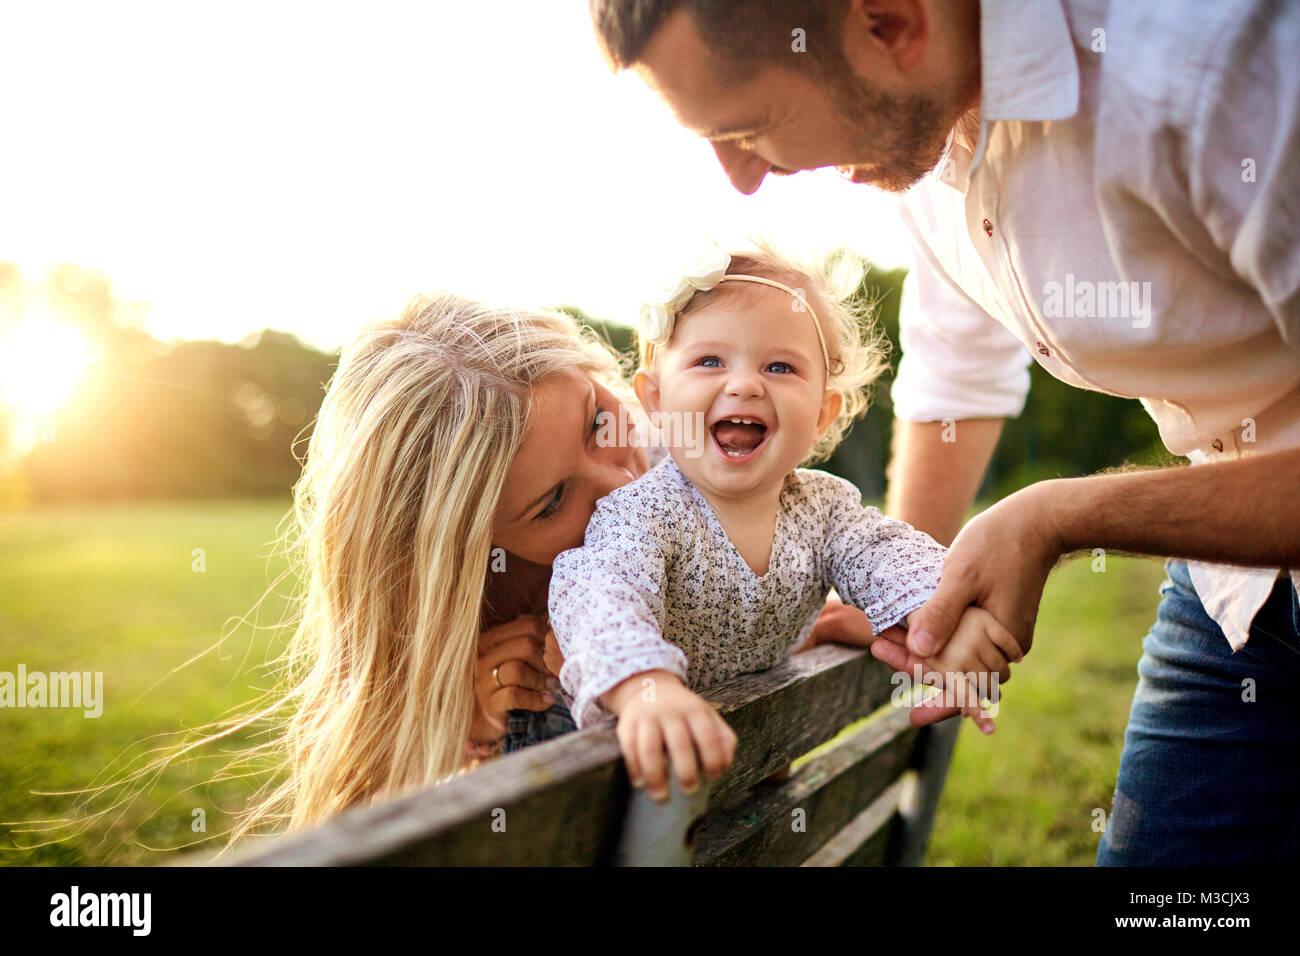 Familia feliz en un parque en verano - otoño. Imagen De Stock